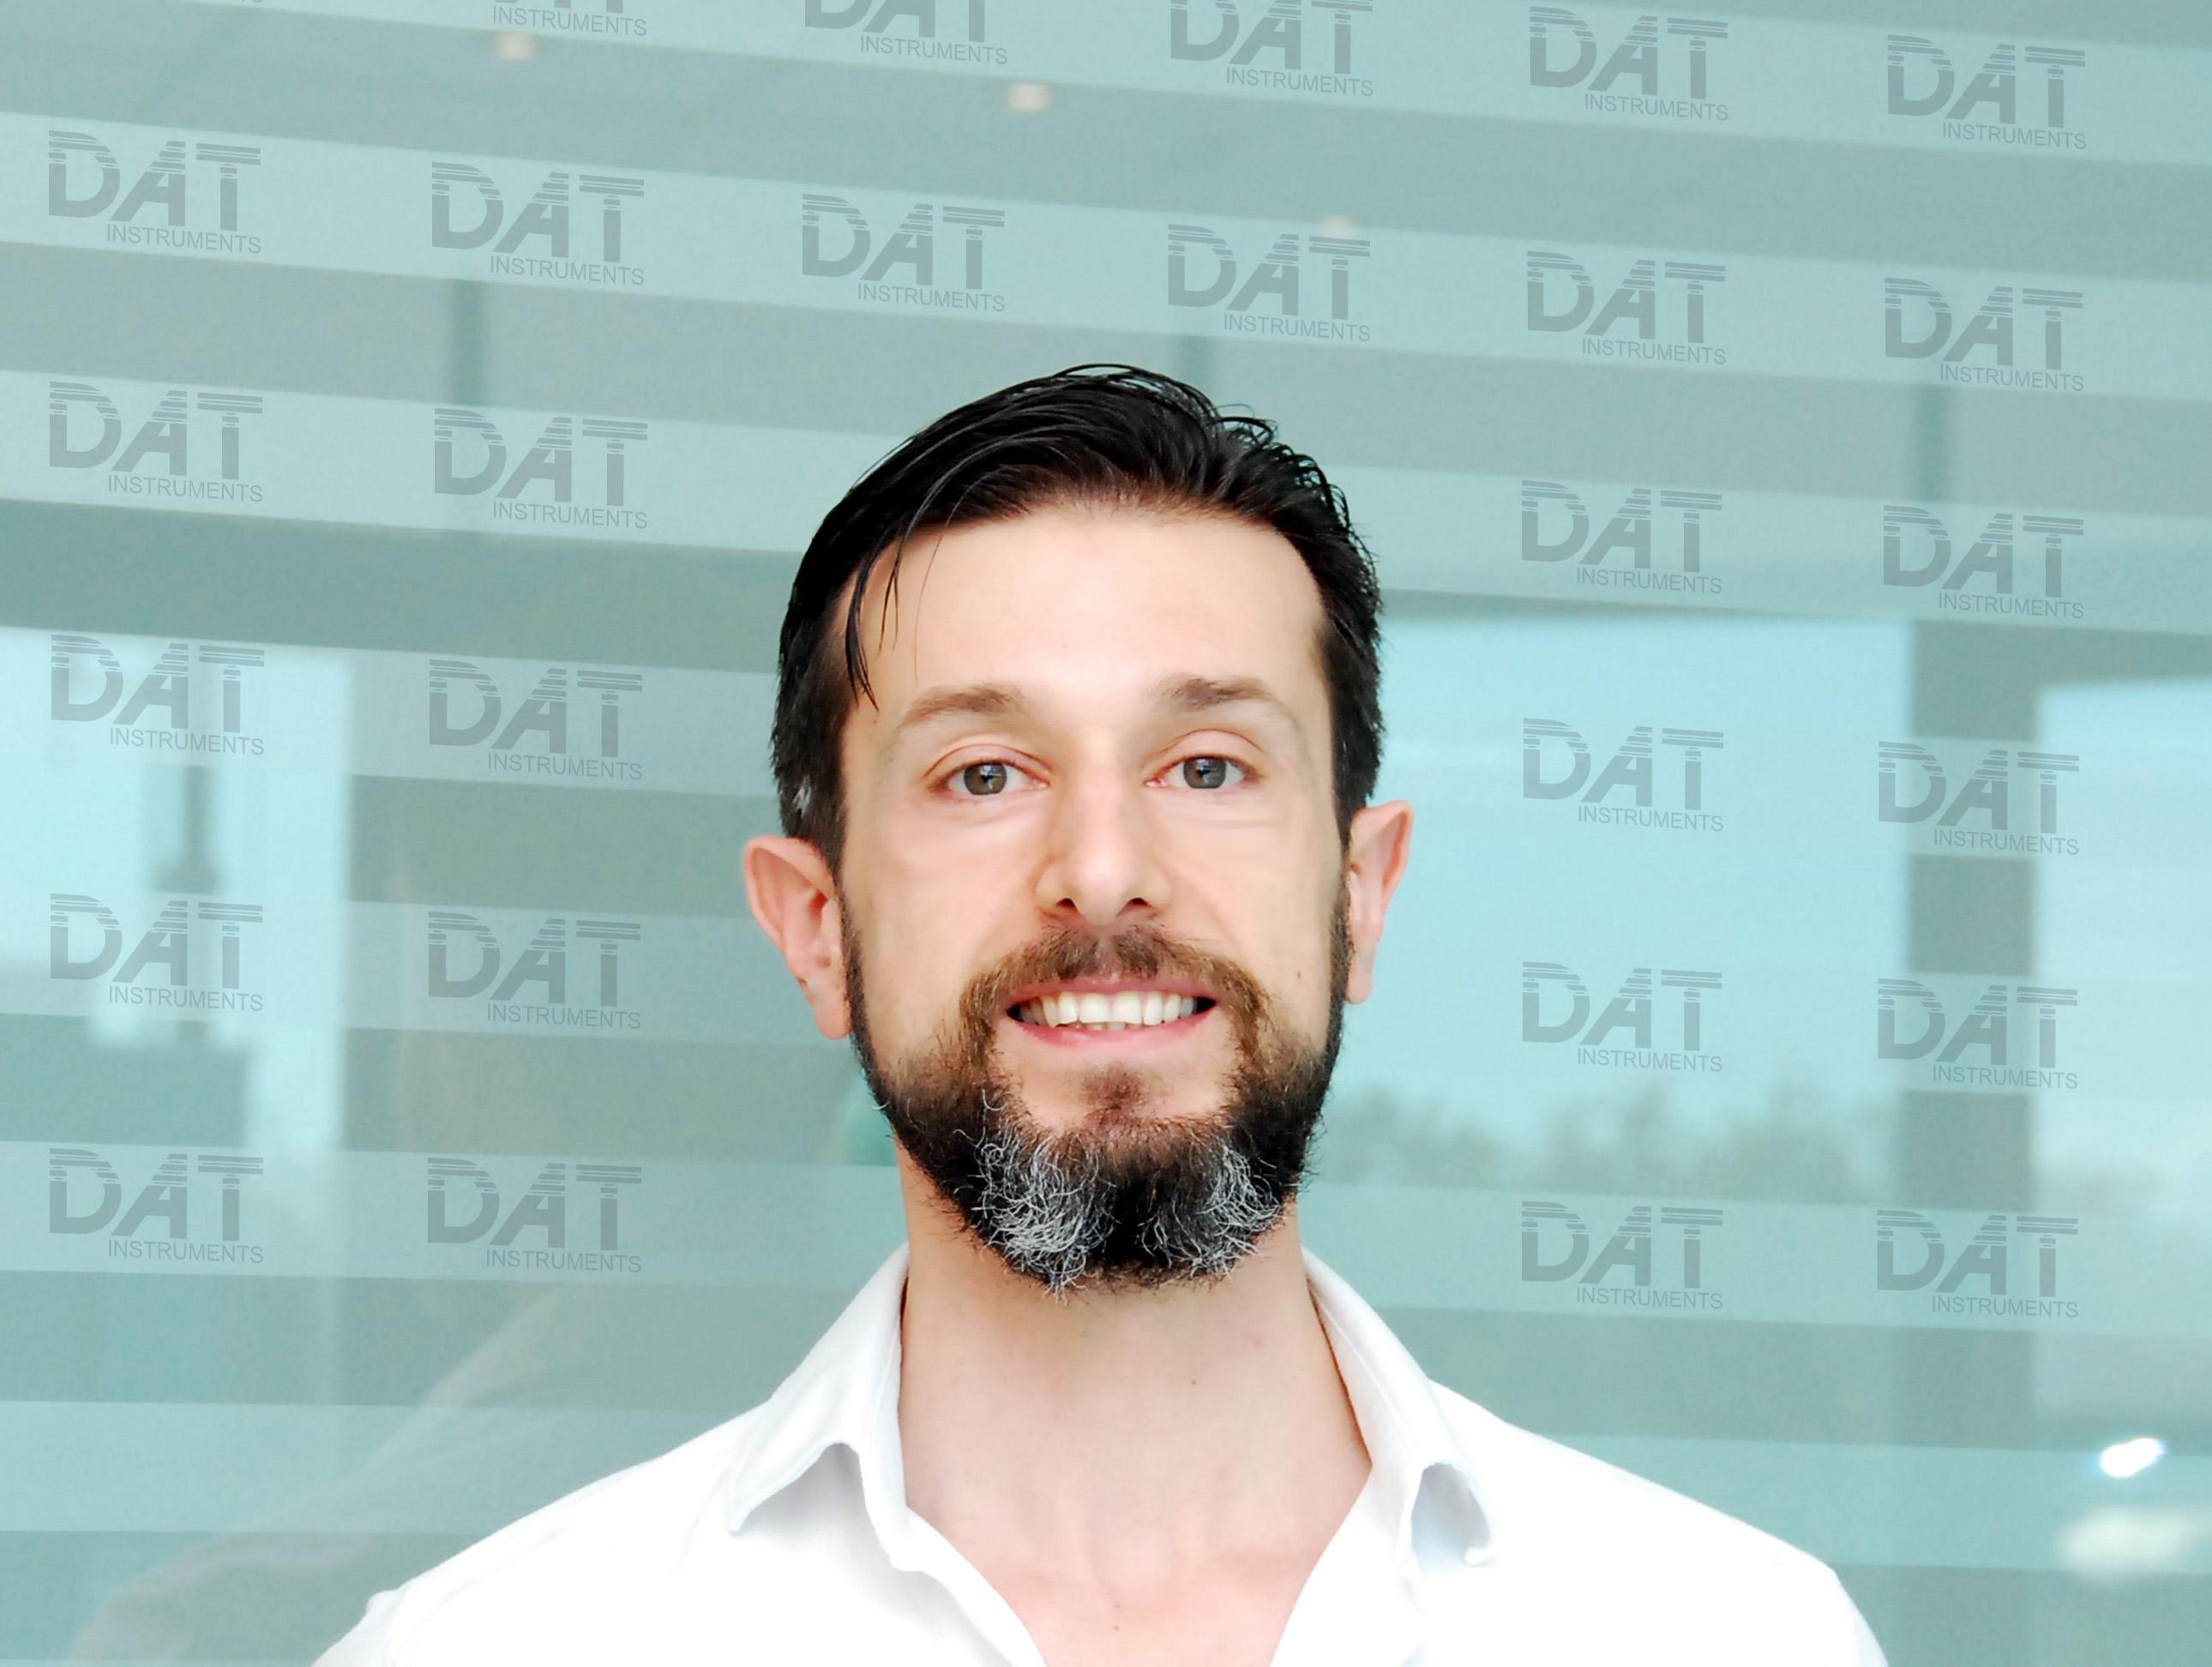 DAT instruments, registrador de datos para Geotecnia y Fundaciones Especiales, Amedeo Valoroso